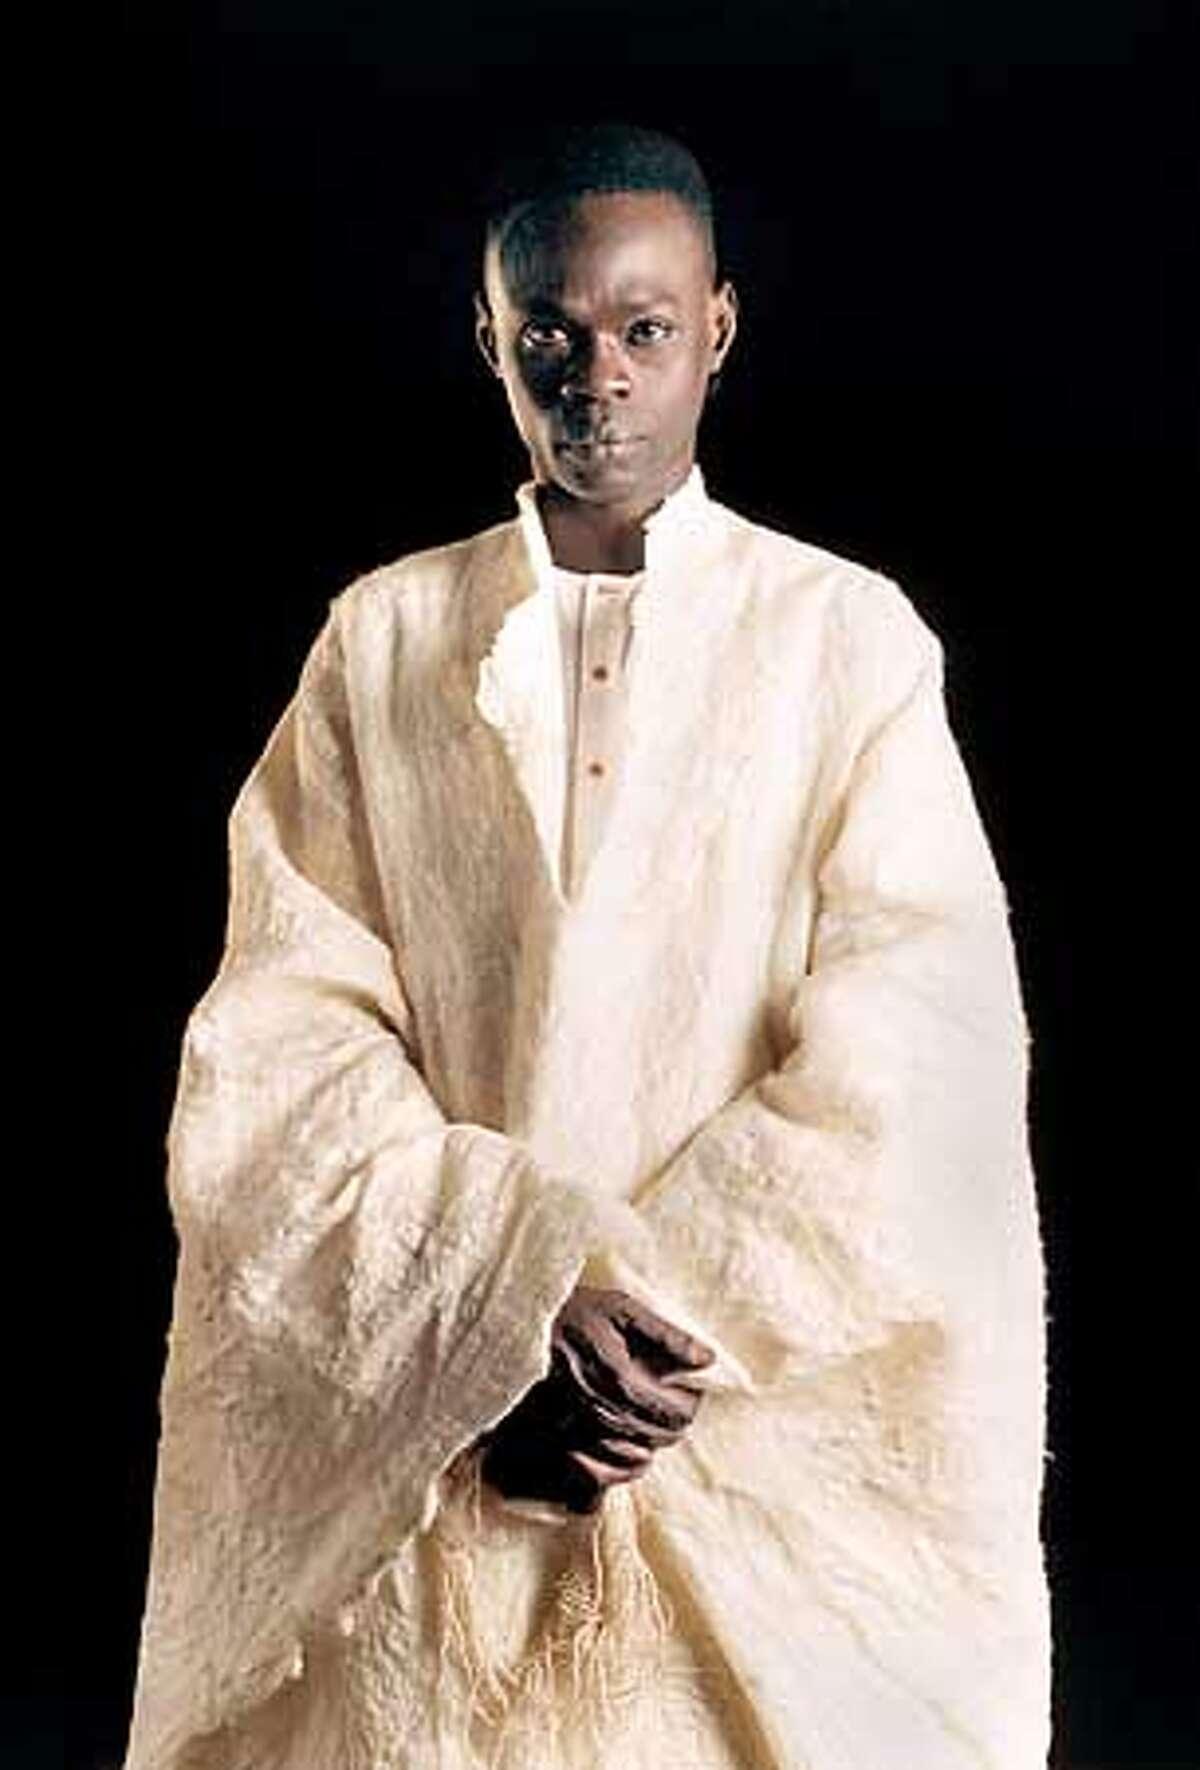 African musician Baaba Maal headlines the Fillmore on Feb. 5. HANDOUT.